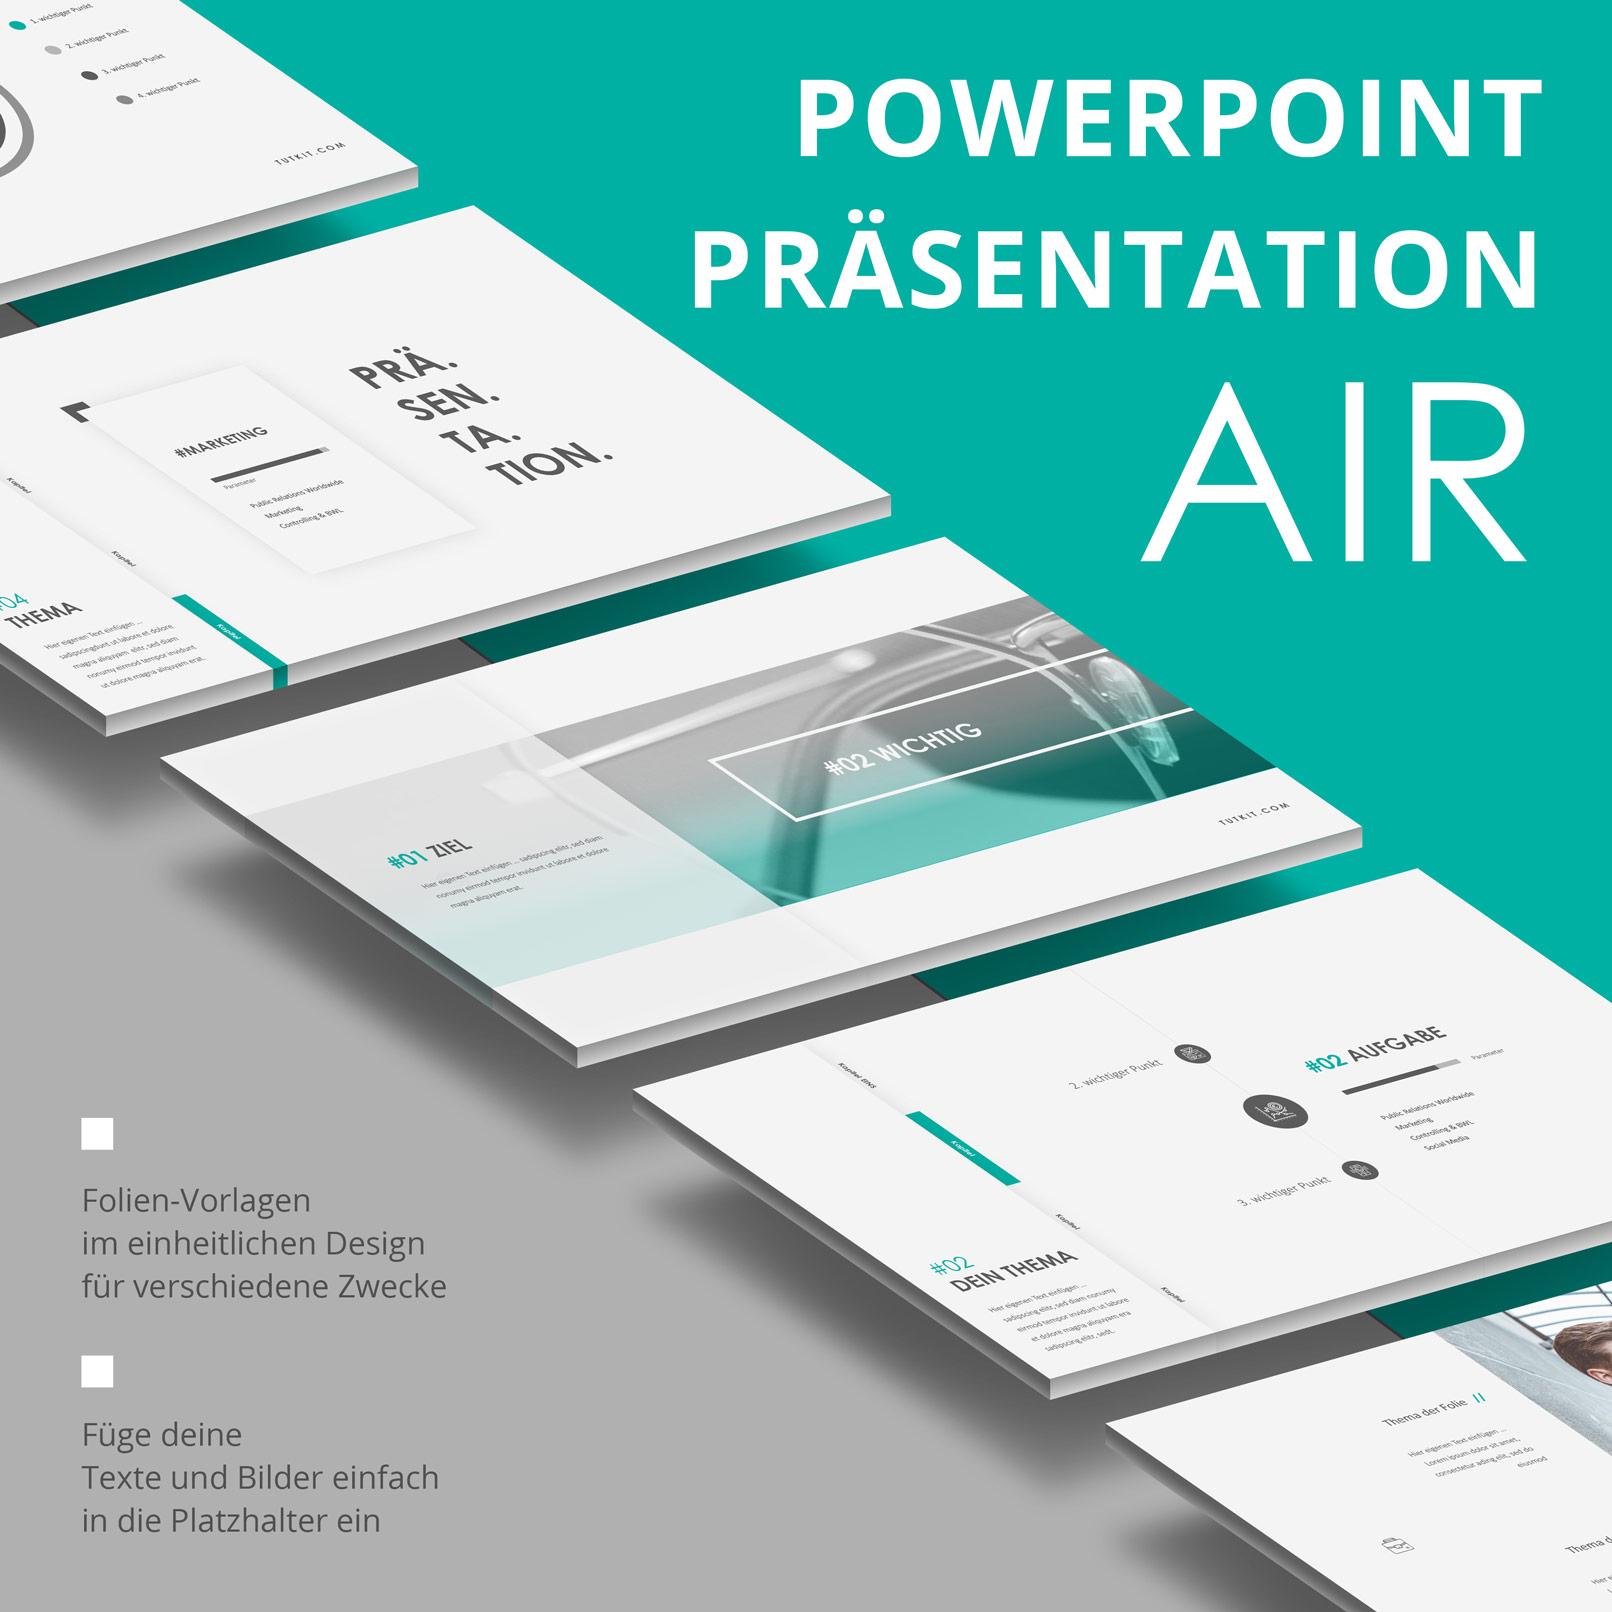 PowerPoint Präsentationsvorlage Air, Vorschau auf mehrere Layouts